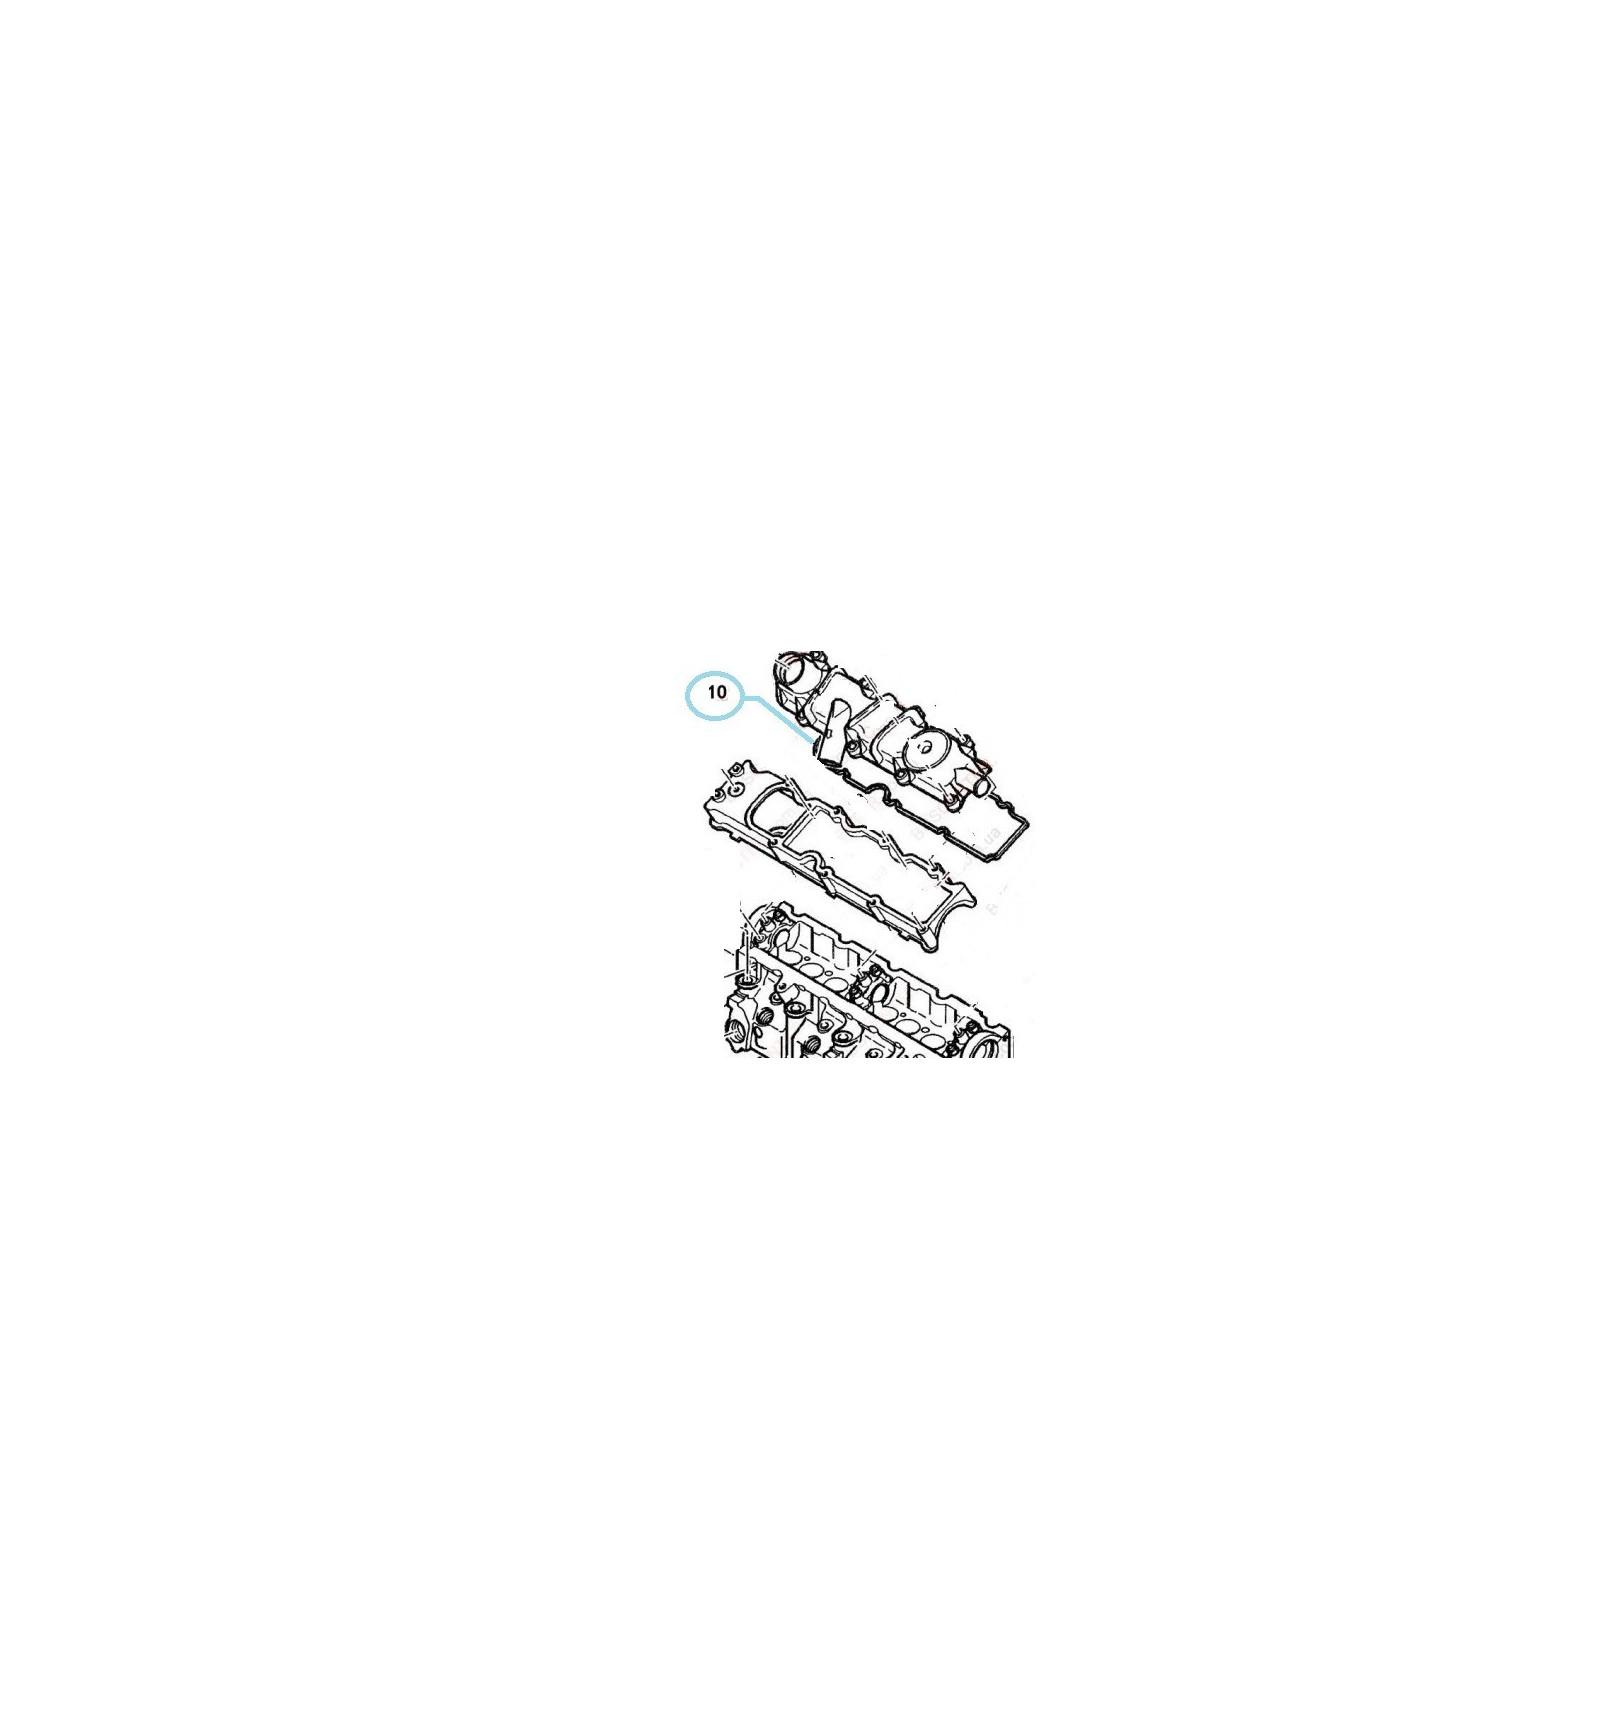 joint moteur joint de cache culbuteur superieur citroen berlingo jumpy fiat scudo peugeot 206. Black Bedroom Furniture Sets. Home Design Ideas